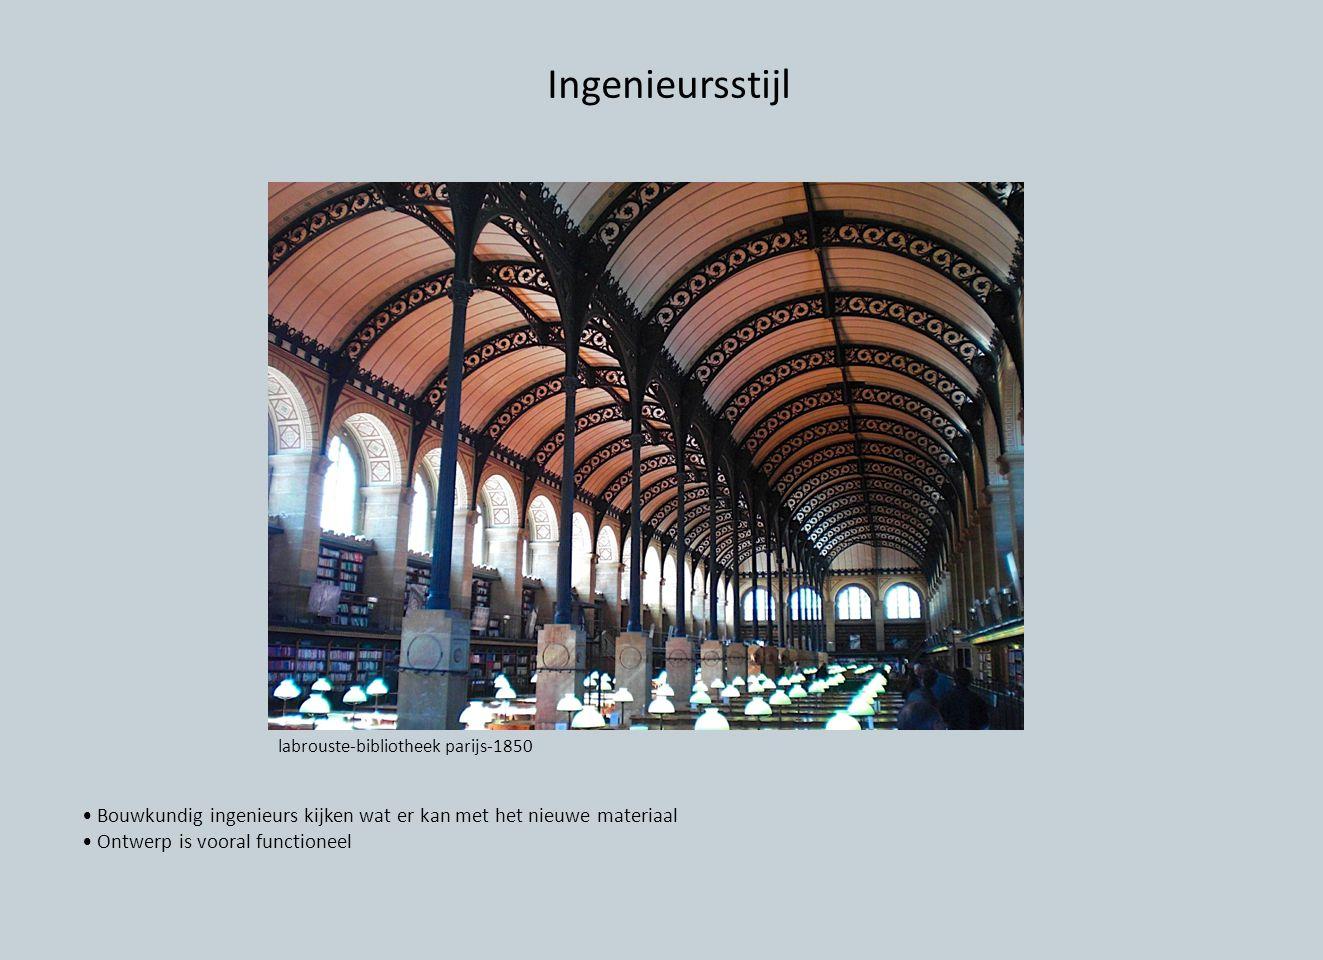 Ingenieursstijl labrouste-bibliotheek parijs-1850 Bouwkundig ingenieurs kijken wat er kan met het nieuwe materiaal Ontwerp is vooral functioneel